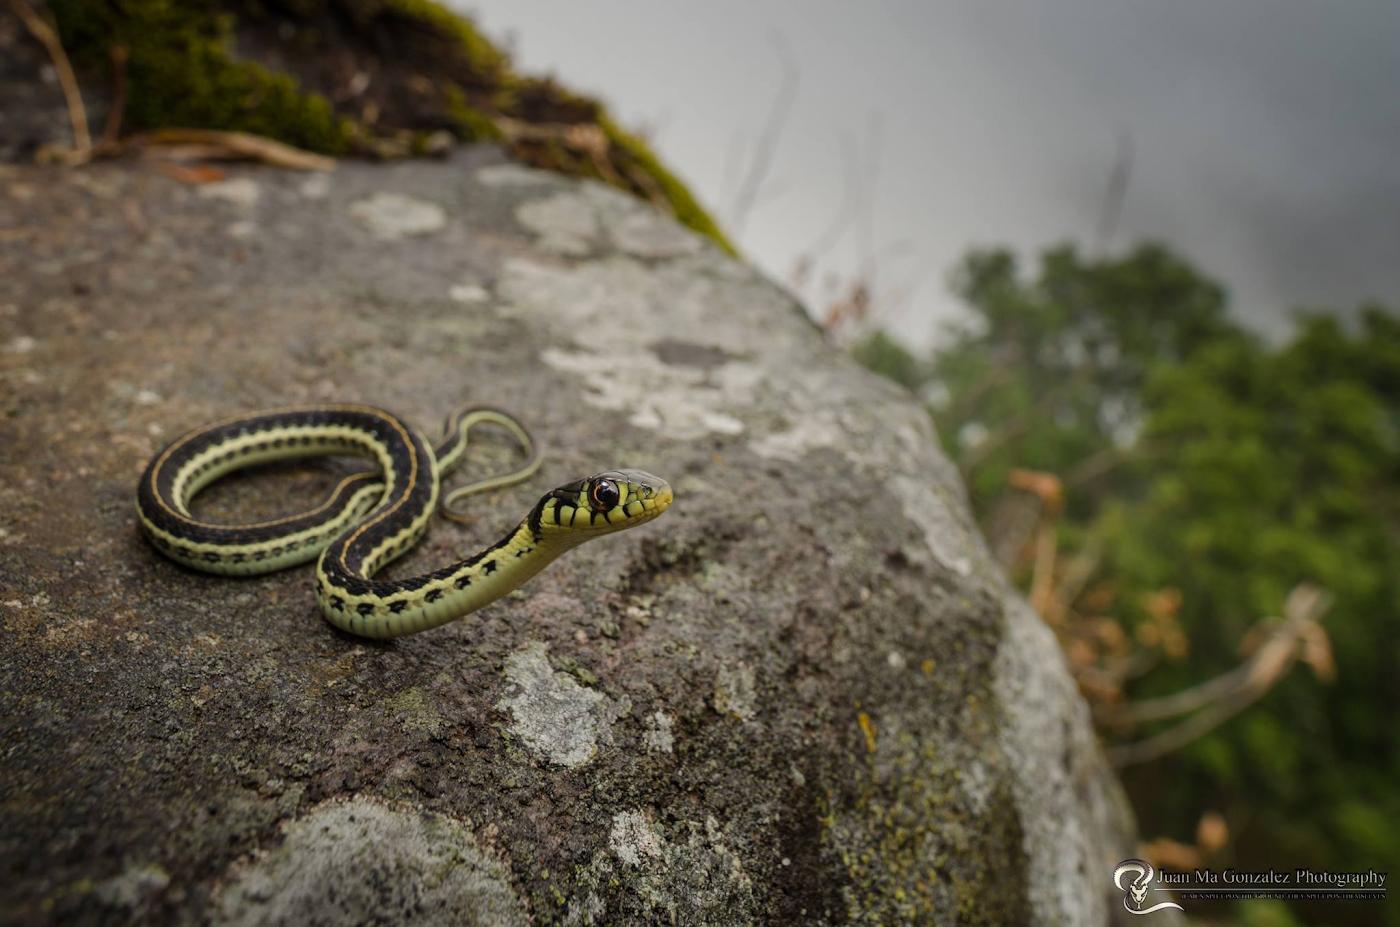 Фотография 28. Портрет желтогорлой подвязочной змеи, снятый на широкоугольный макрик Laowa 15mm f4 1:1 Macro.